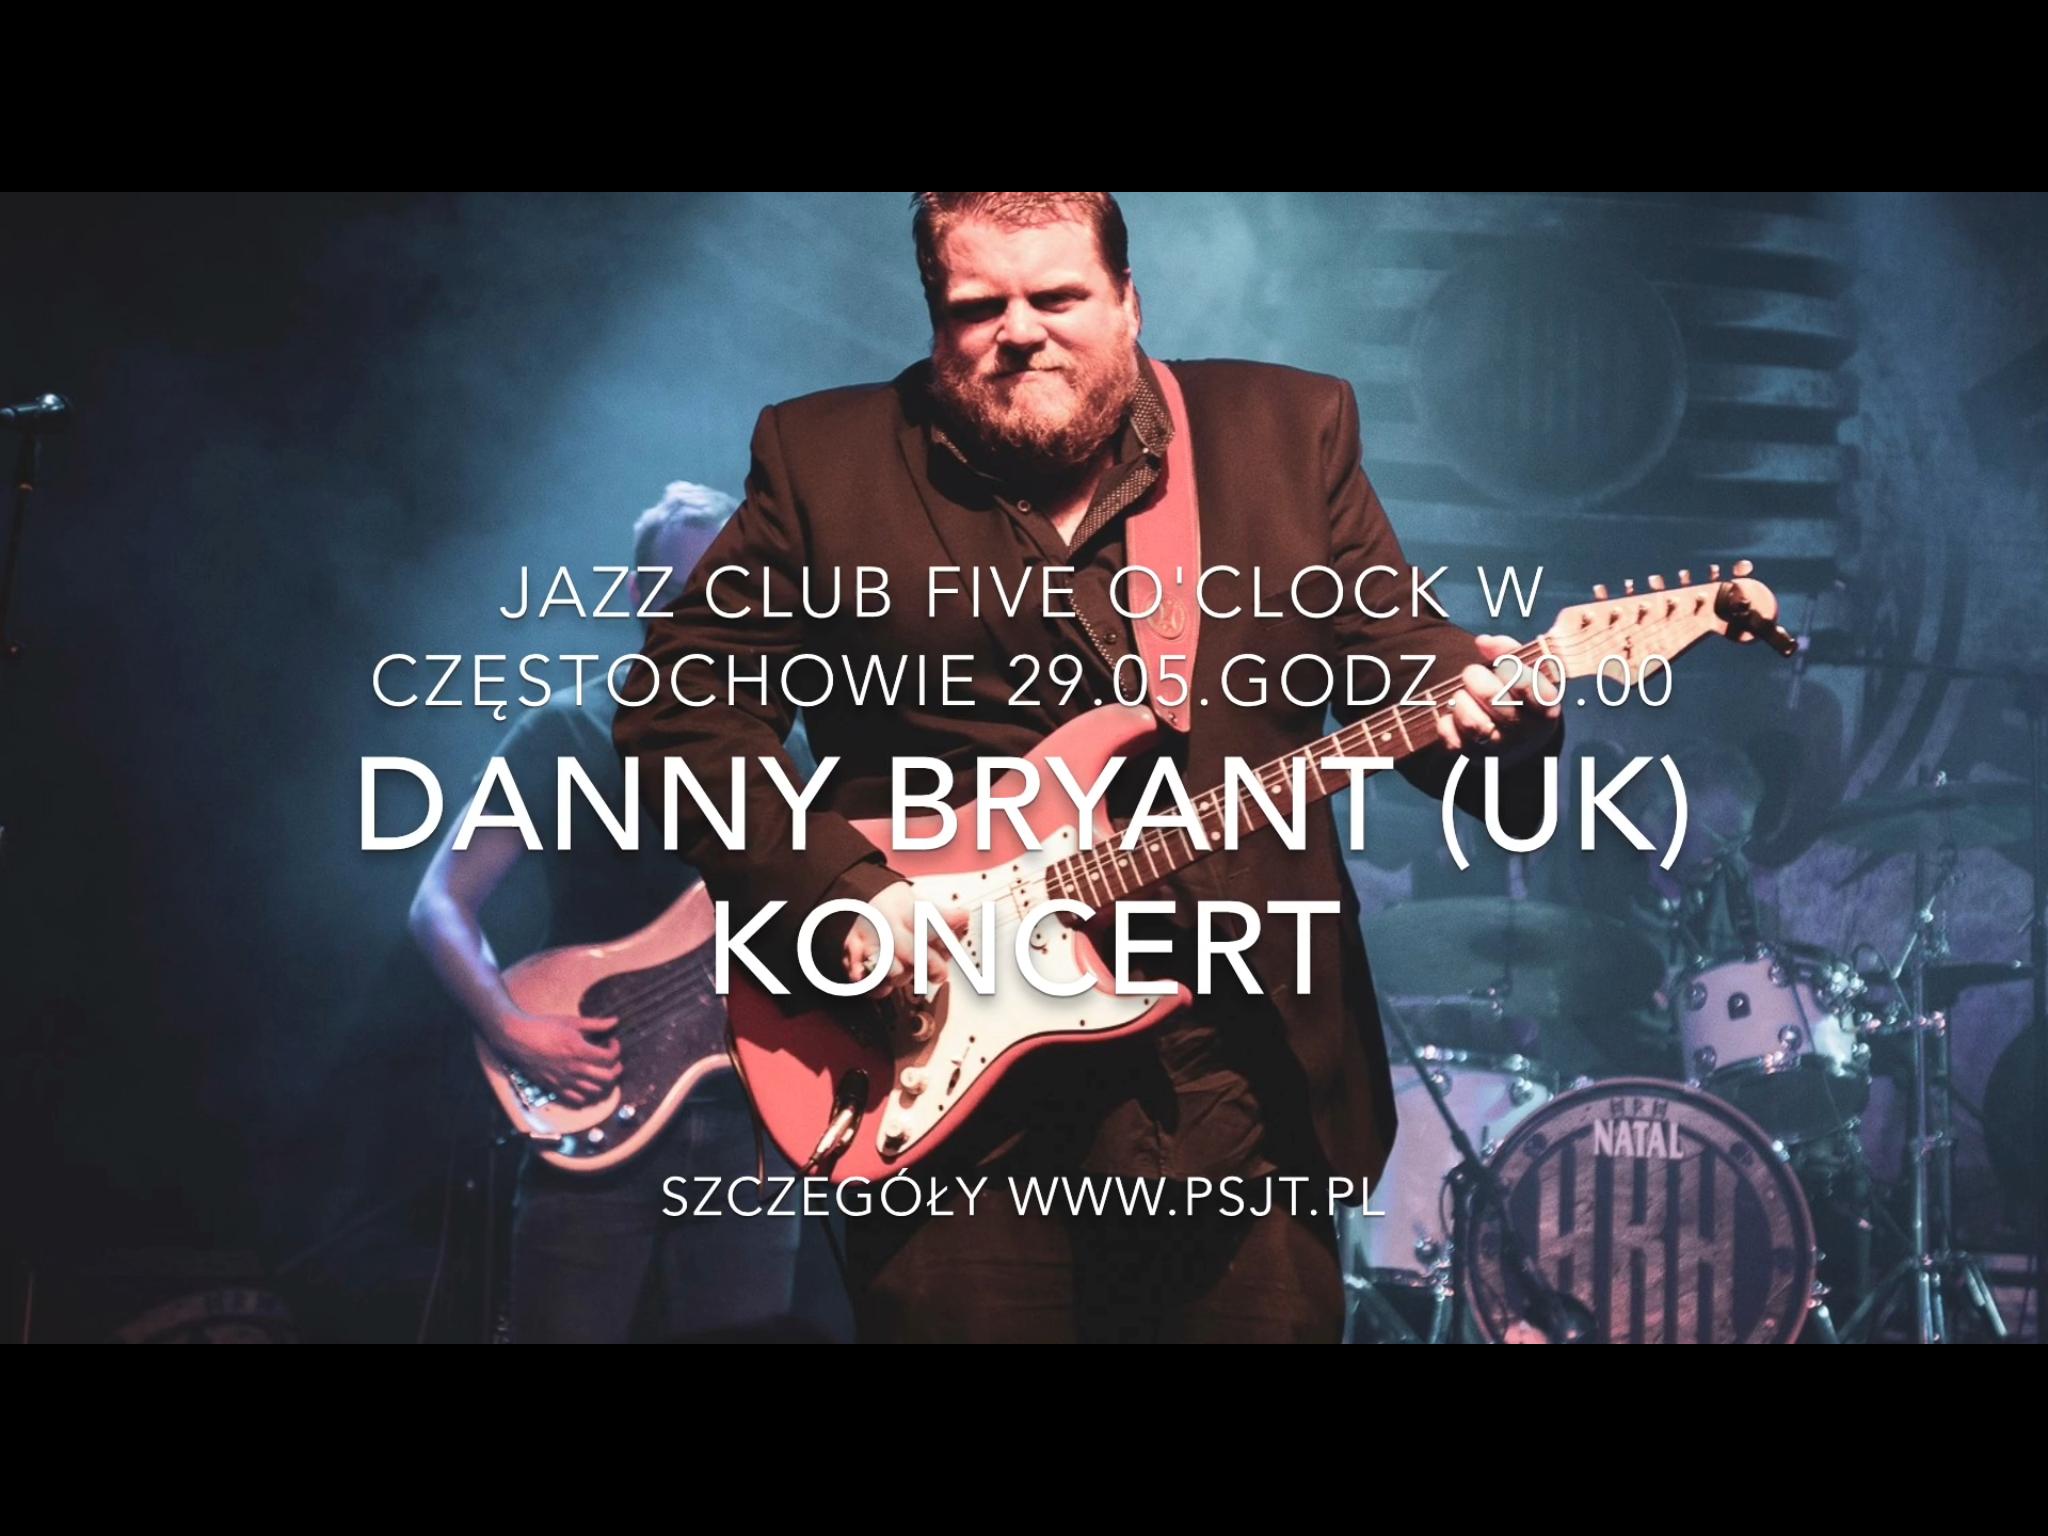 Danny Bryant (UK) w Jazz Club Five O`Clock 29.05. godz. 20.00